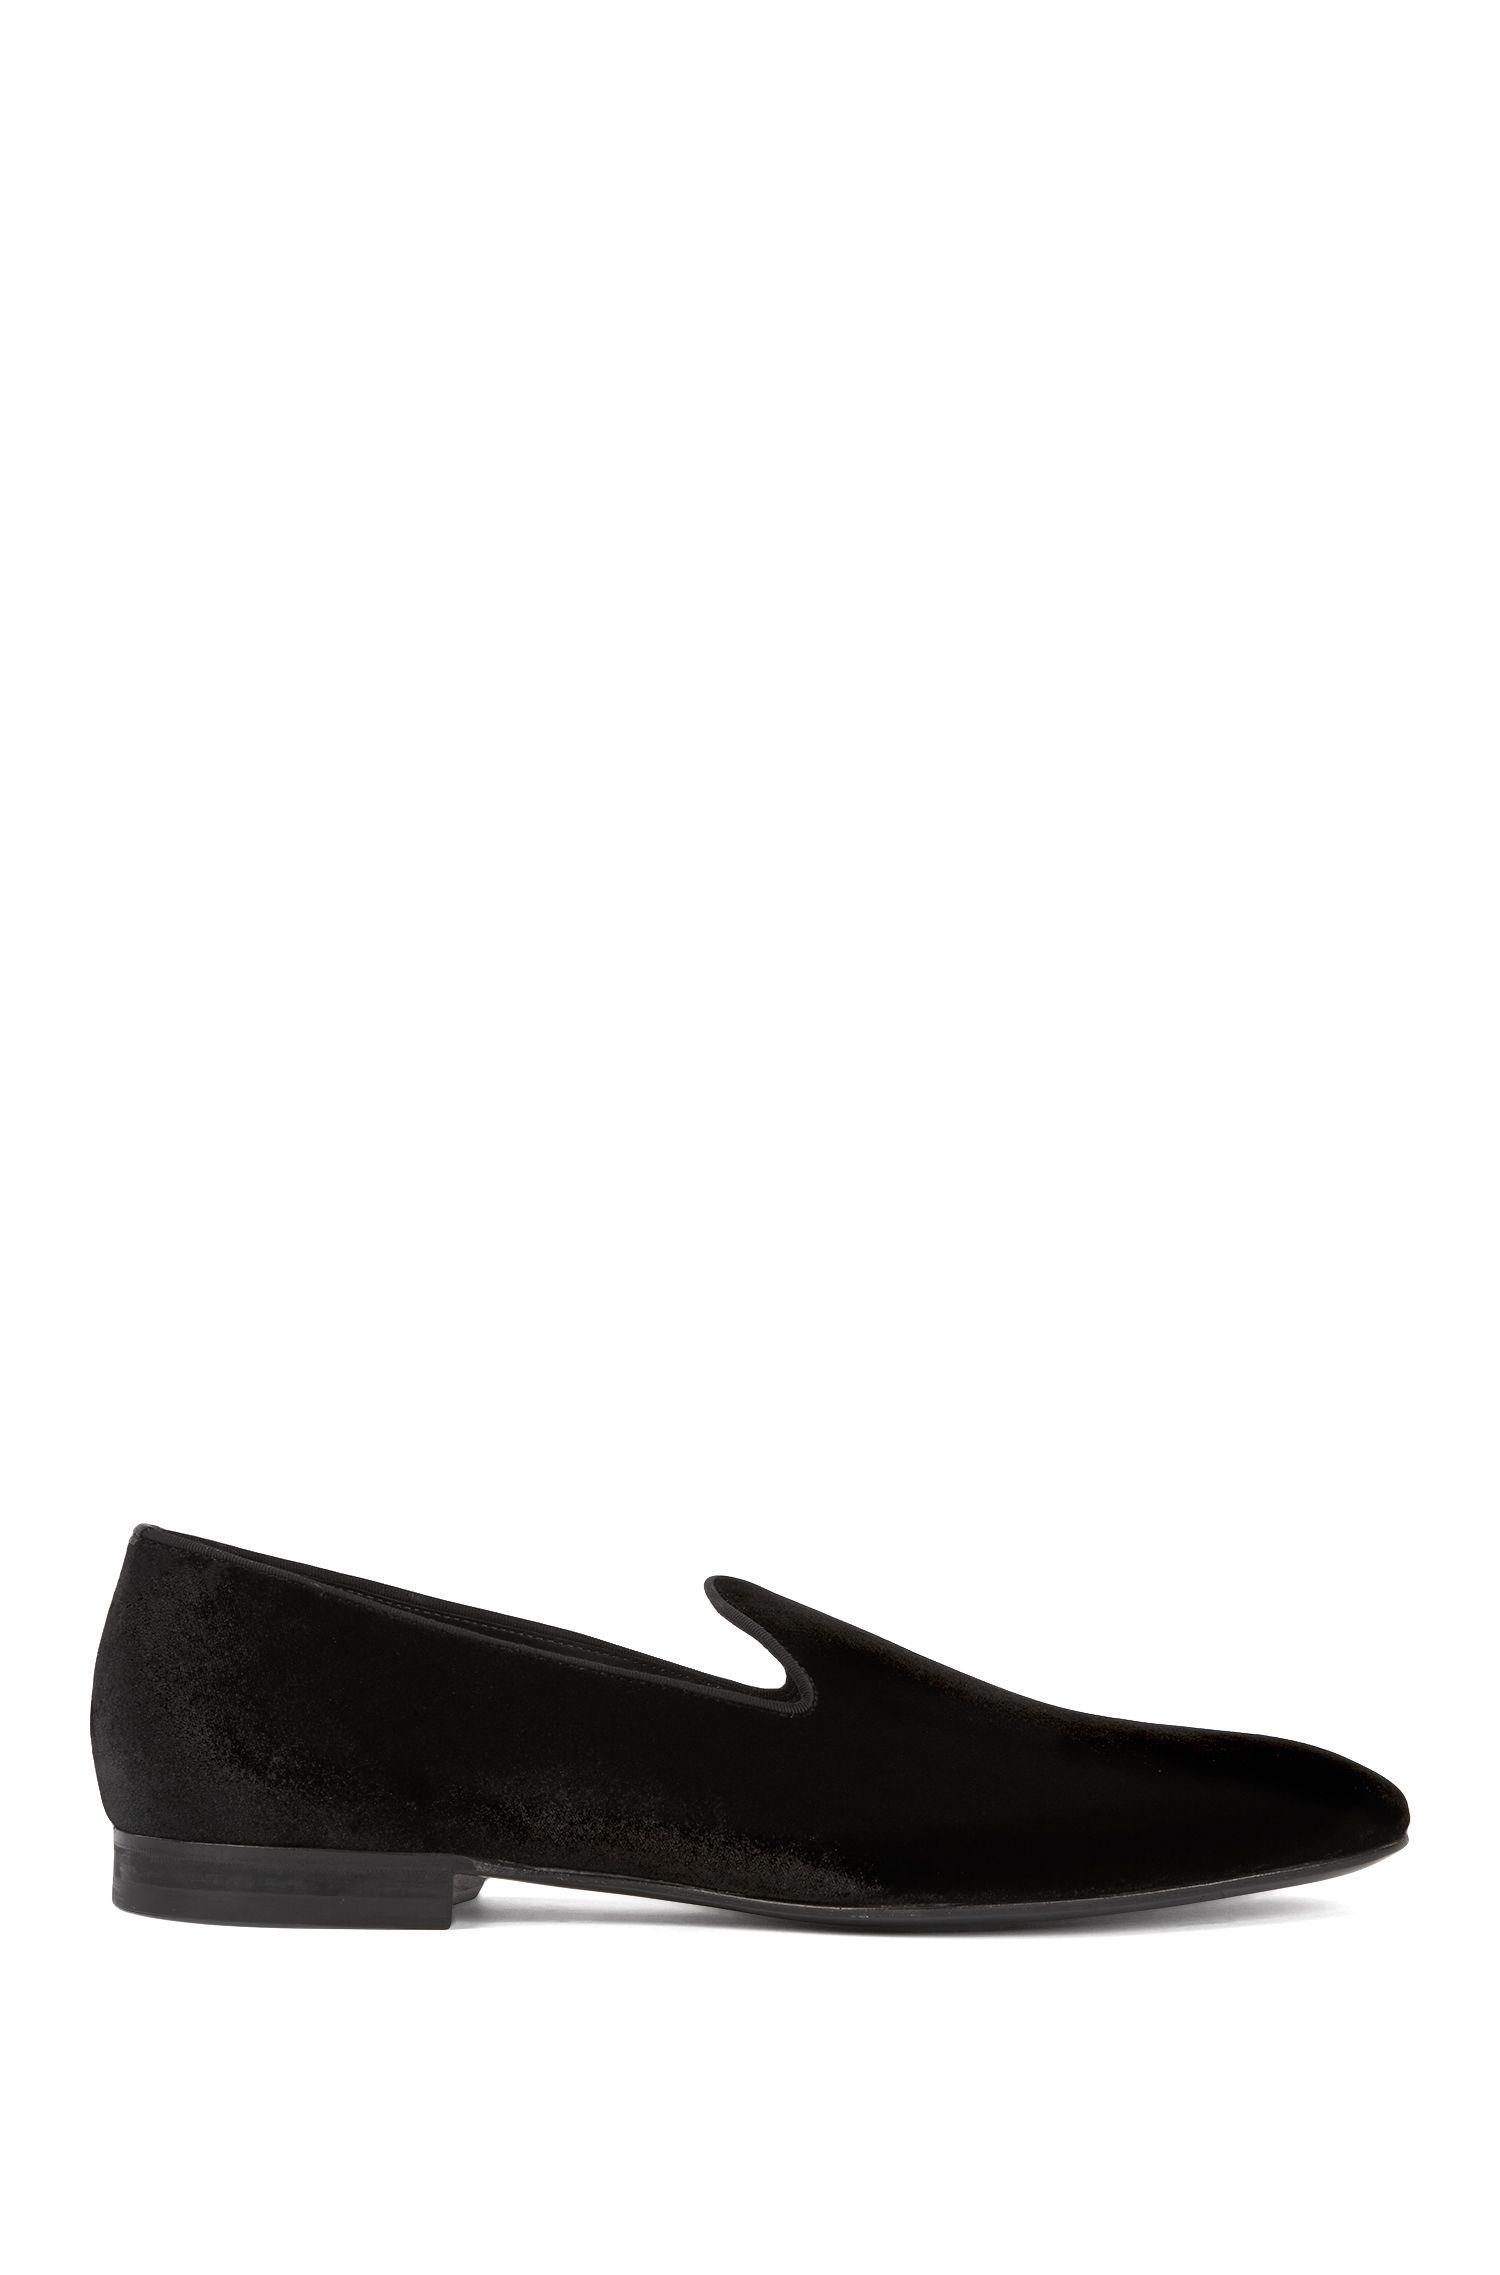 Slip-on evening shoes in dégradé velvet, Black